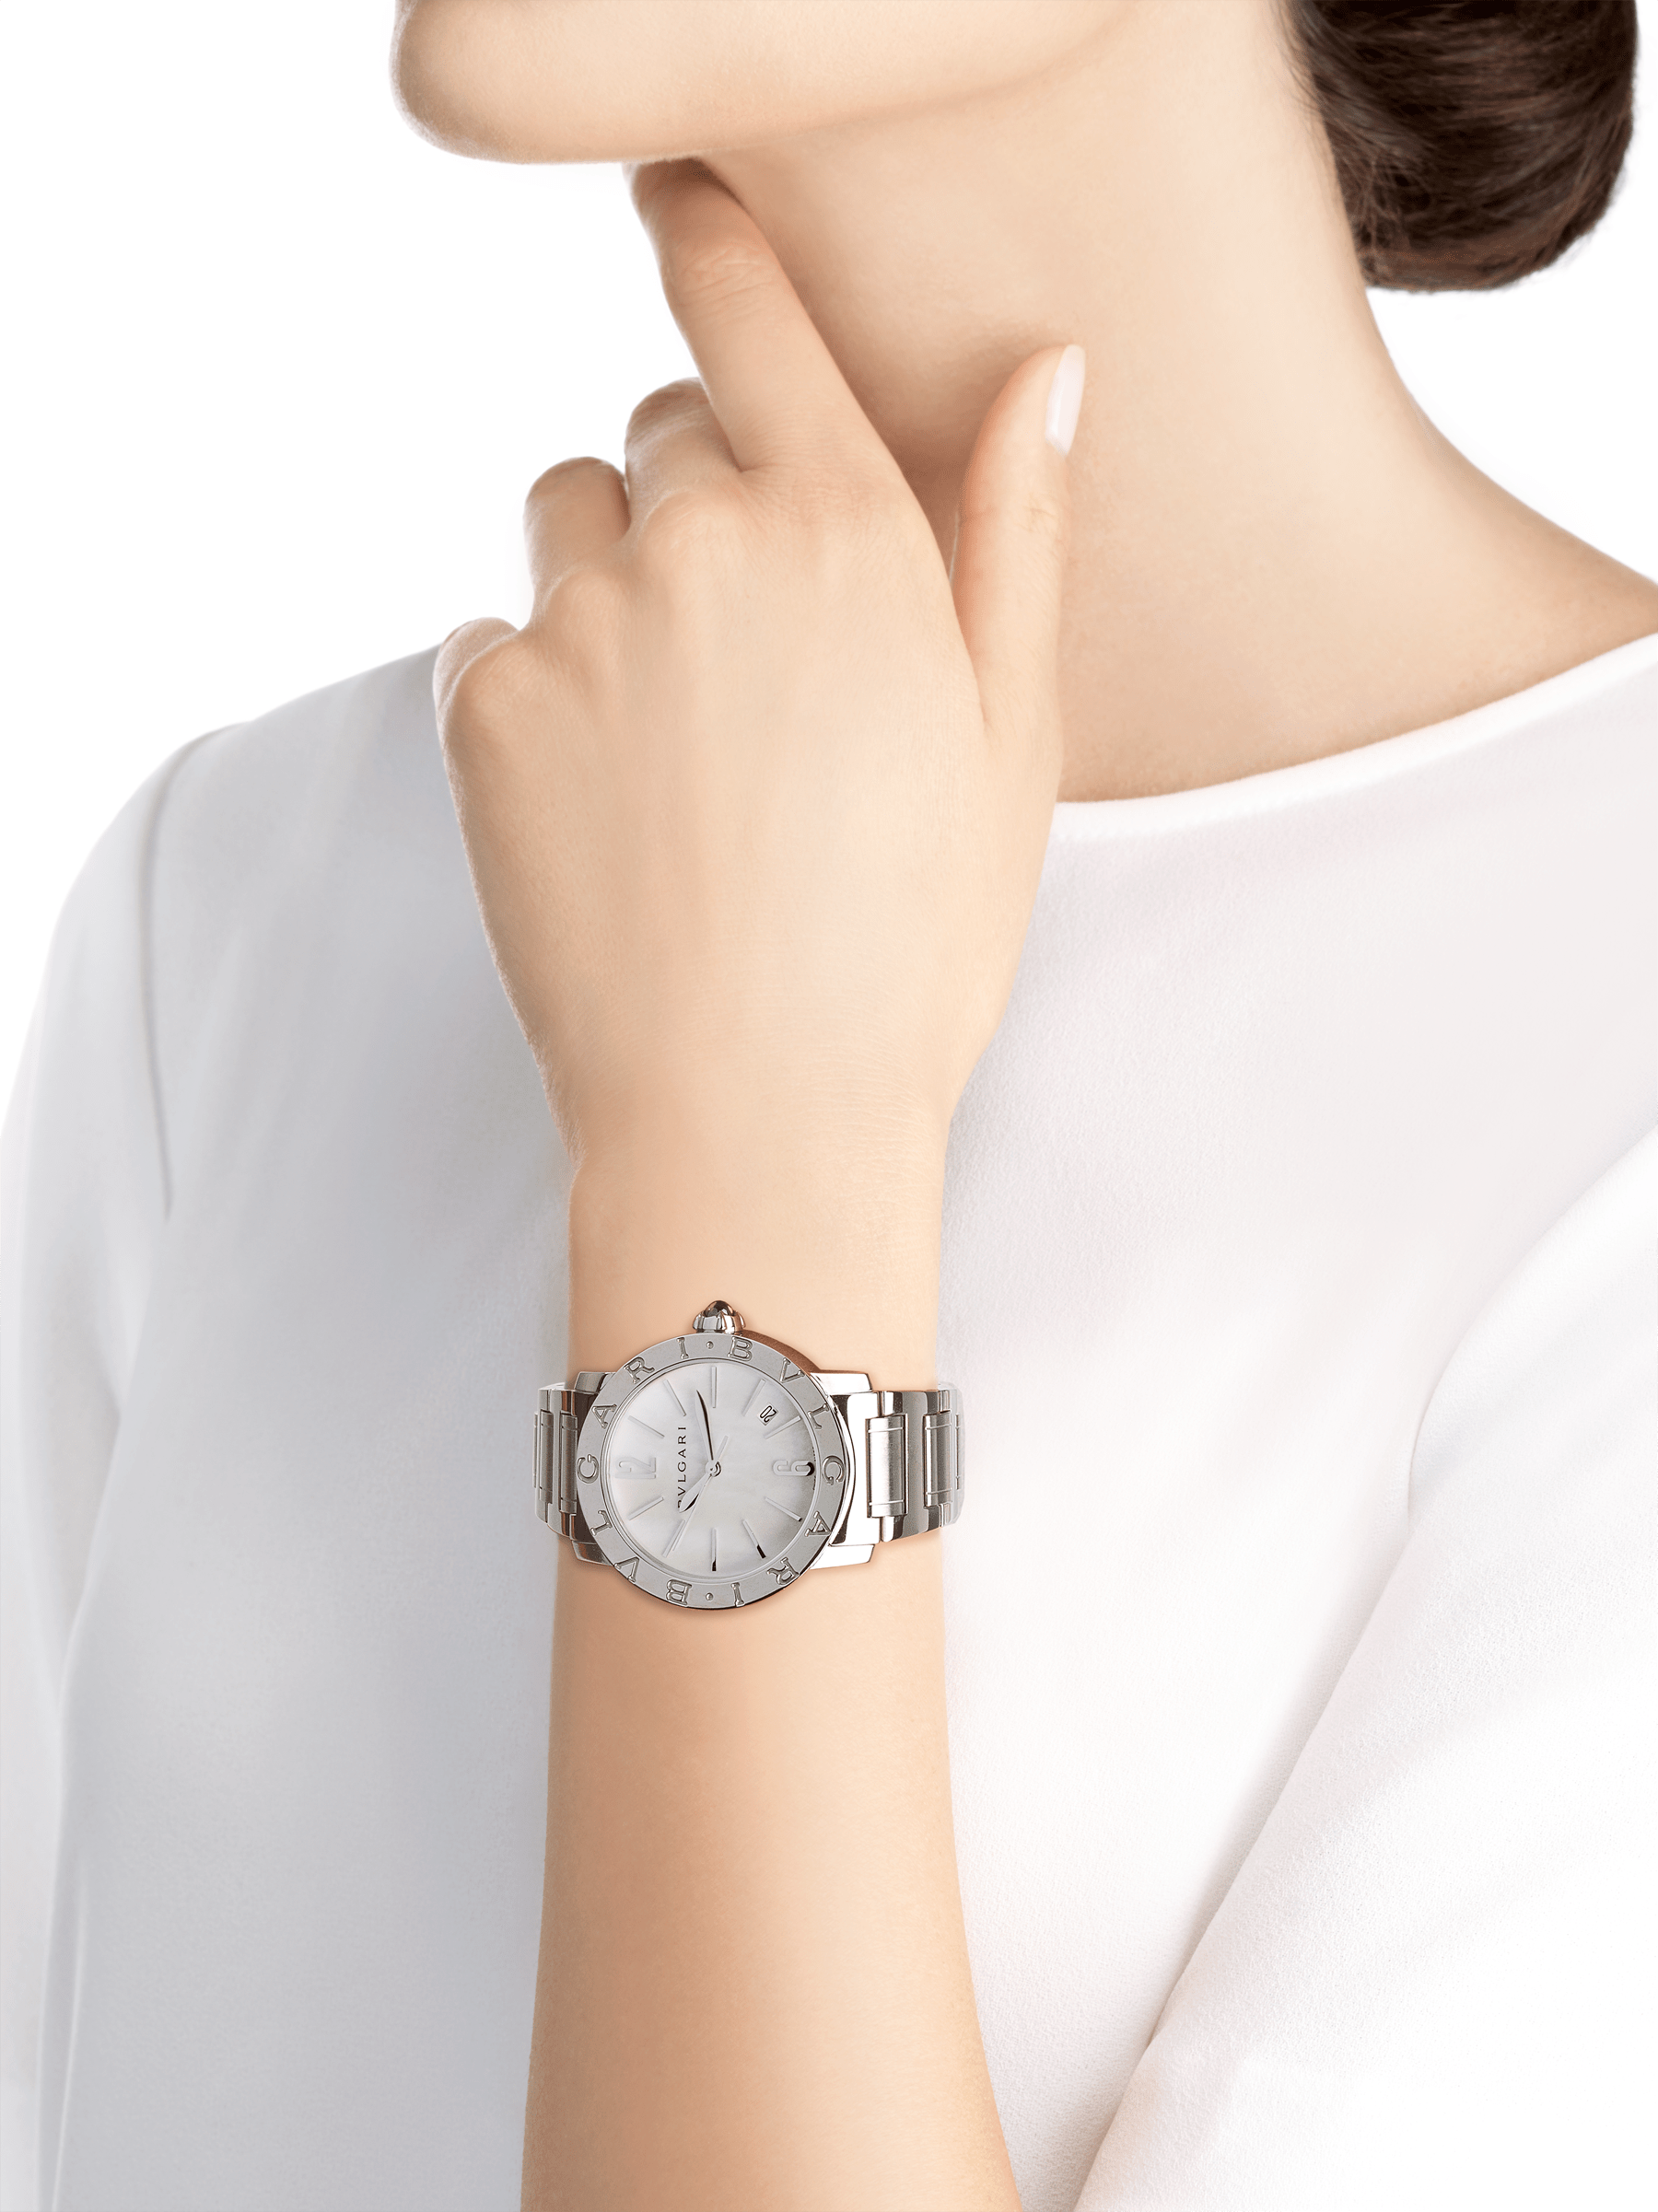 BVLGARI BVLGARI Uhr mit Gehäuse und Armband aus Edelstahl mit weißem Perlmuttzifferblatt und Datumsanzeige. Großes Modell 101976 image 2